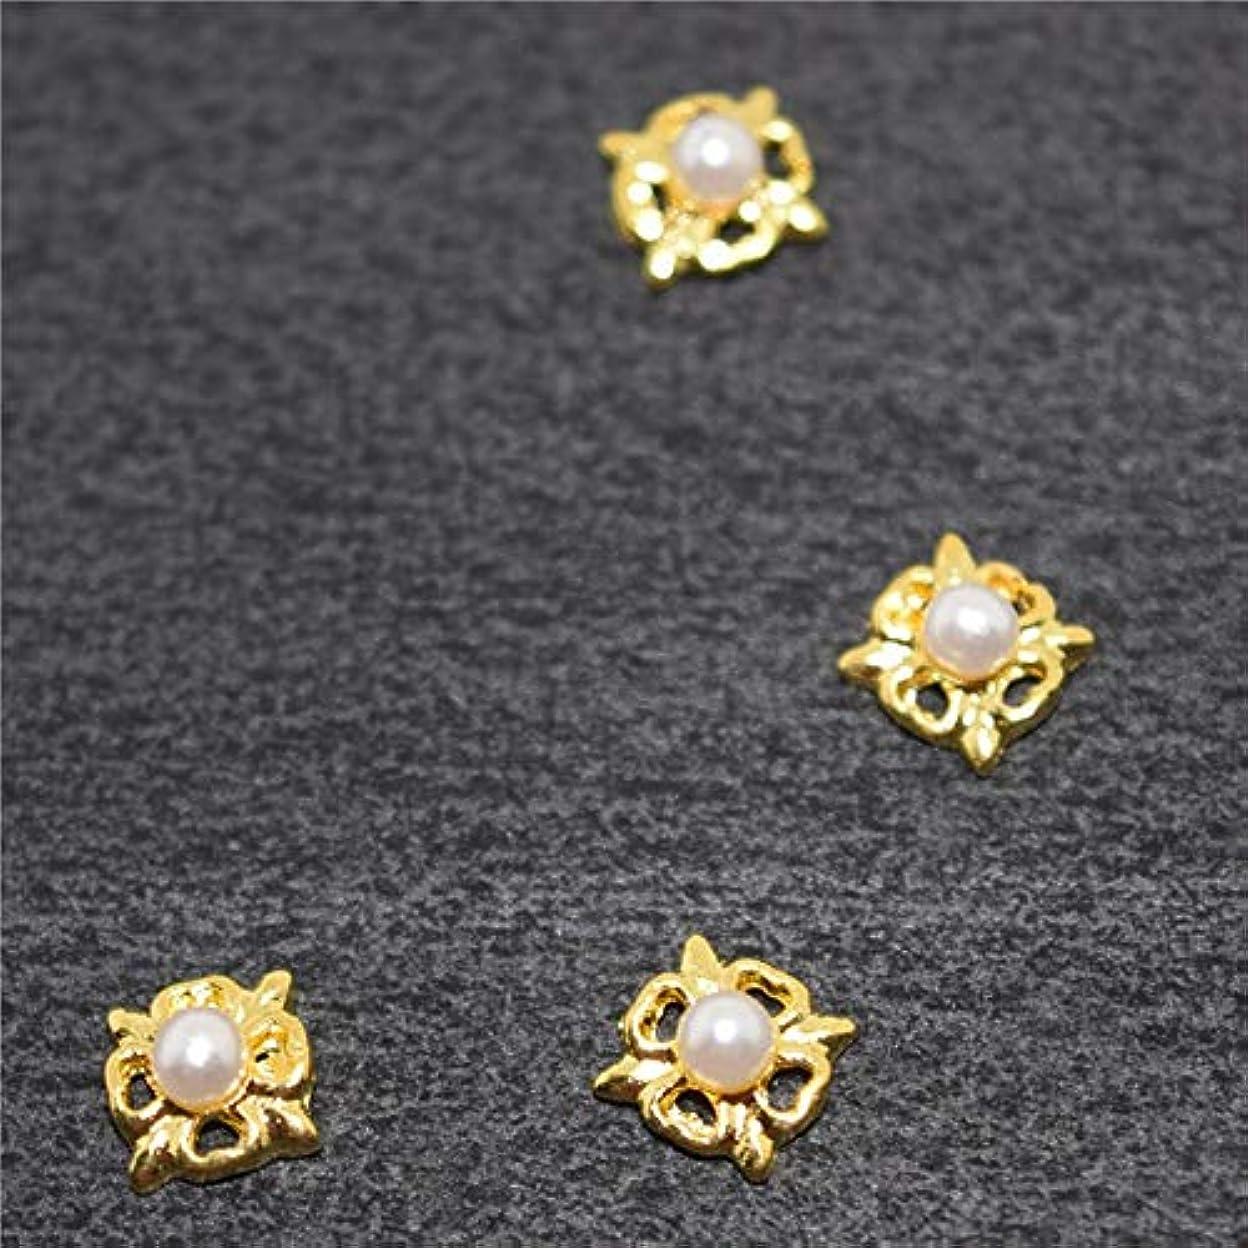 ミリメートル空中ロッジ10個入りホワイトパールの星3Dネイルアートの装飾合金ネイルチャームネイルズラインストーンネイル用品